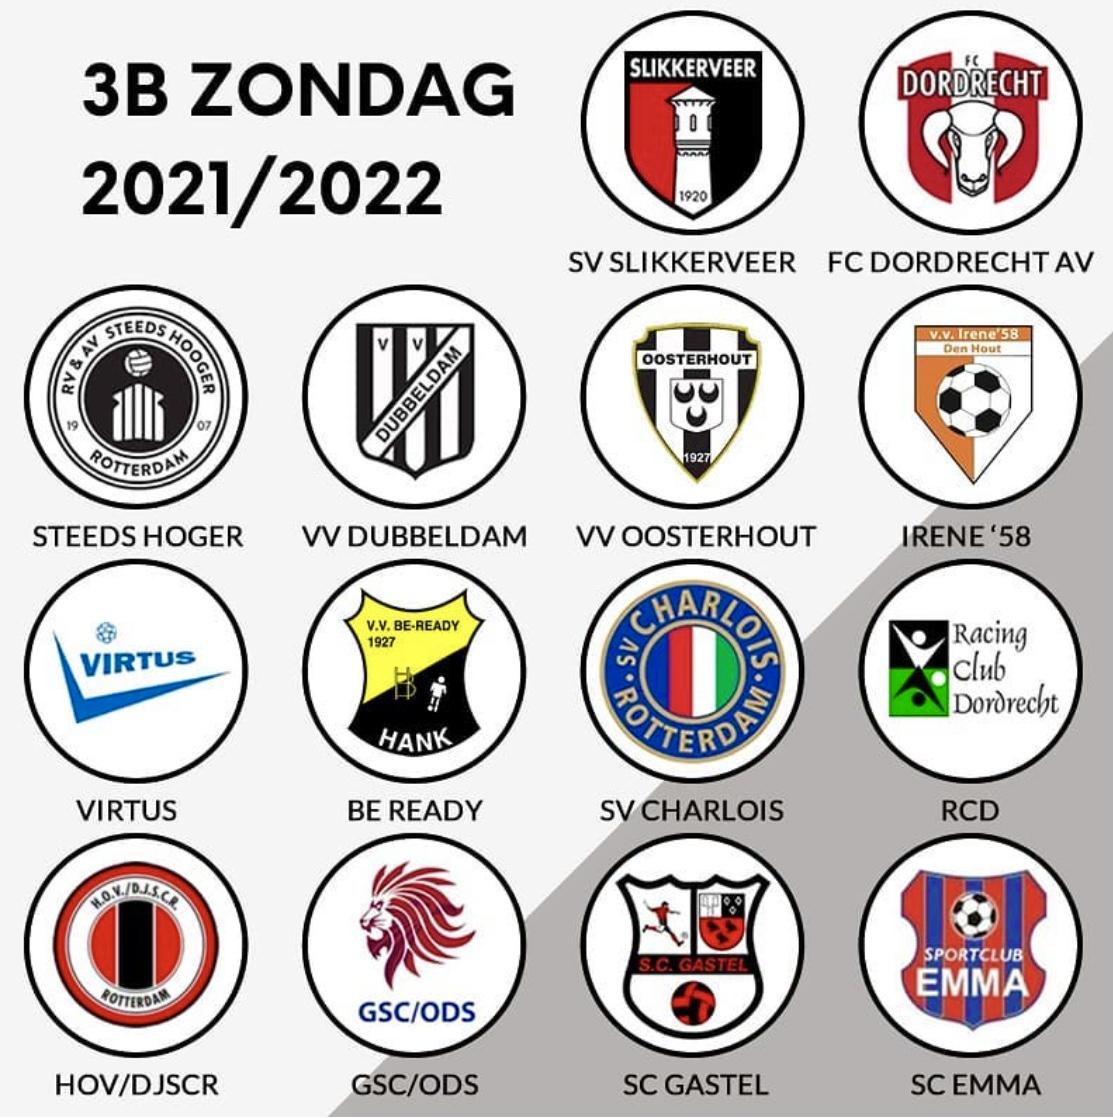 Start voetbalseizoen '21-'22 komt in zicht!